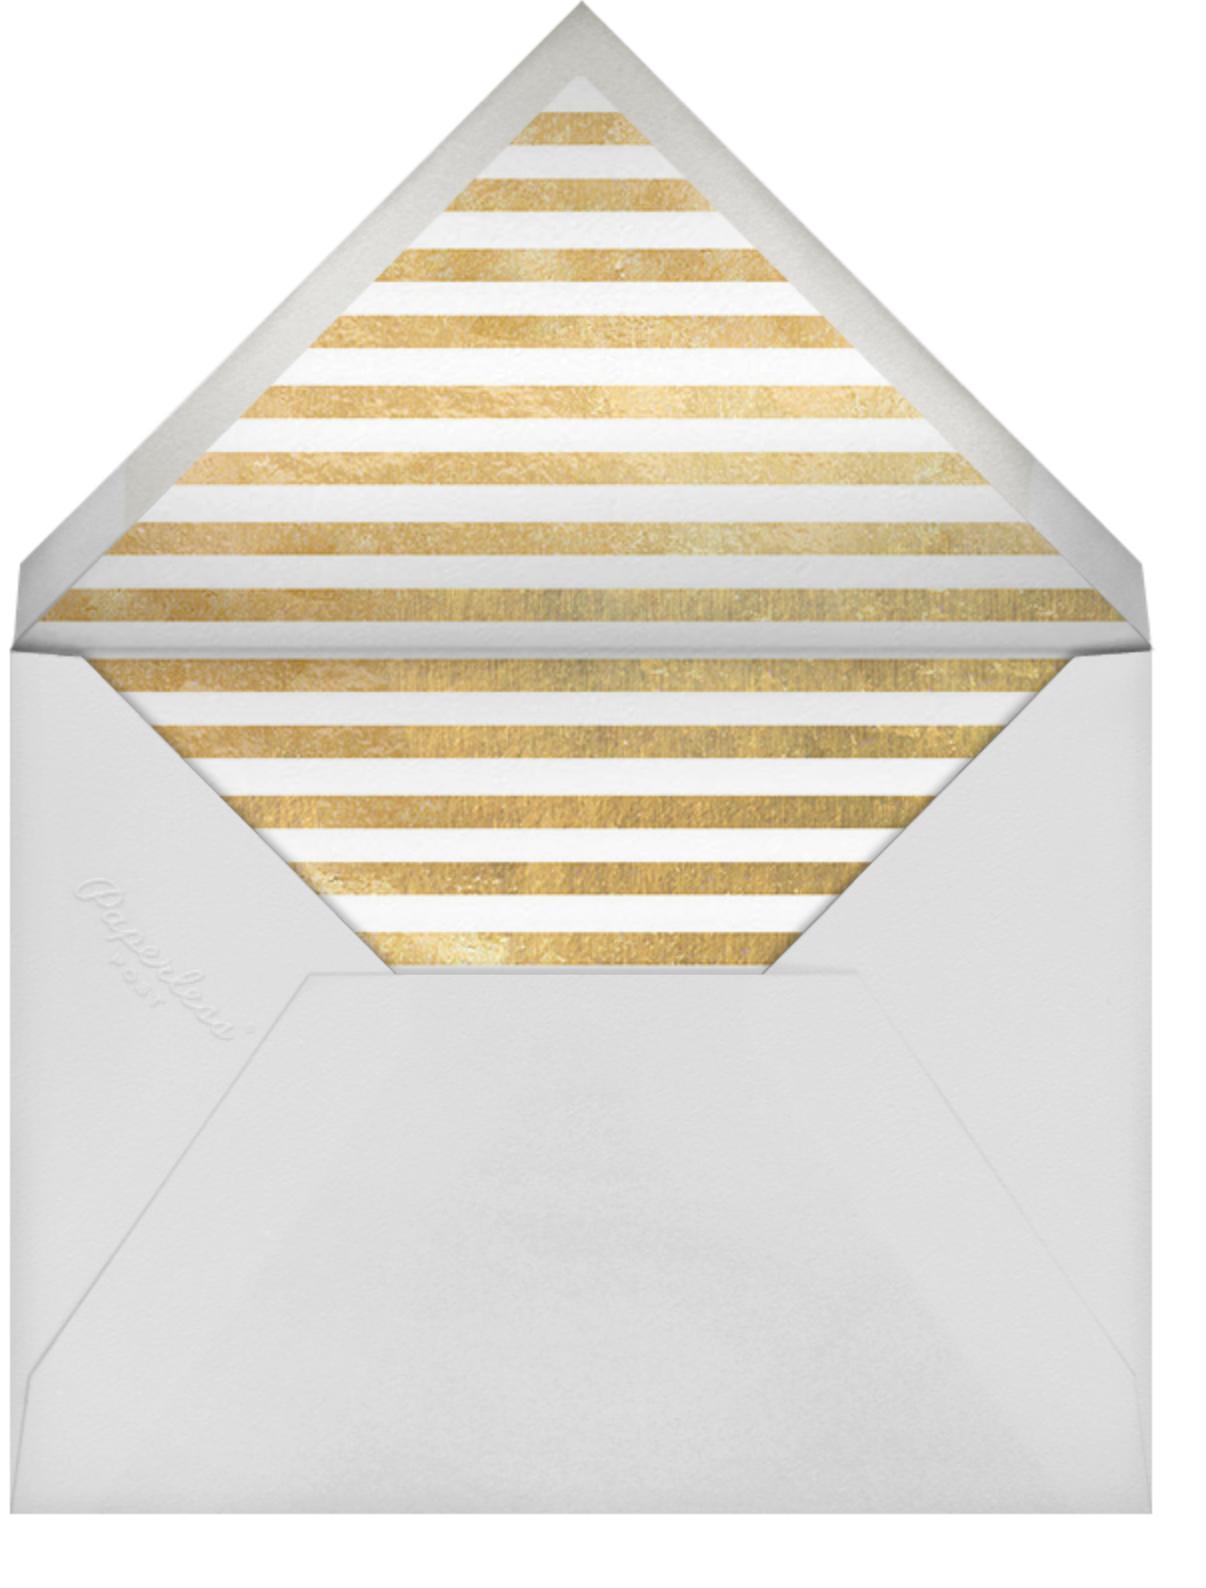 Gem - Pink - kate spade new york - Bridal shower - envelope back